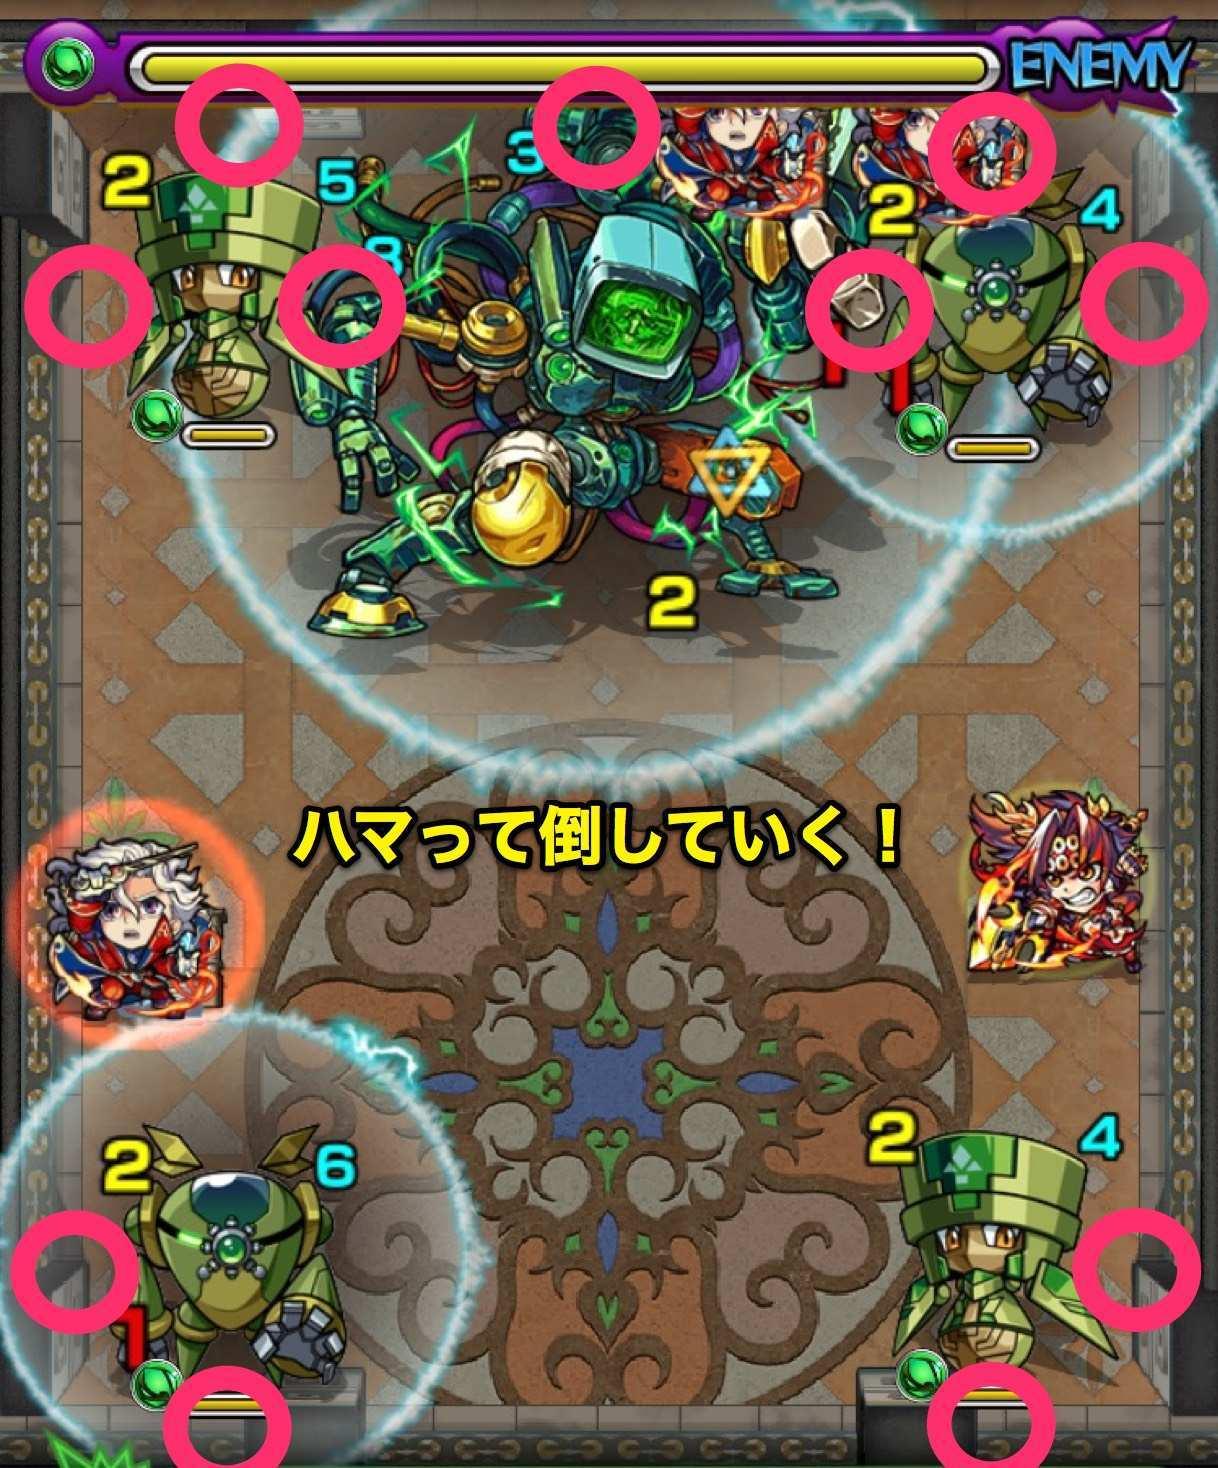 覇者の塔28階ステージ5.jpg